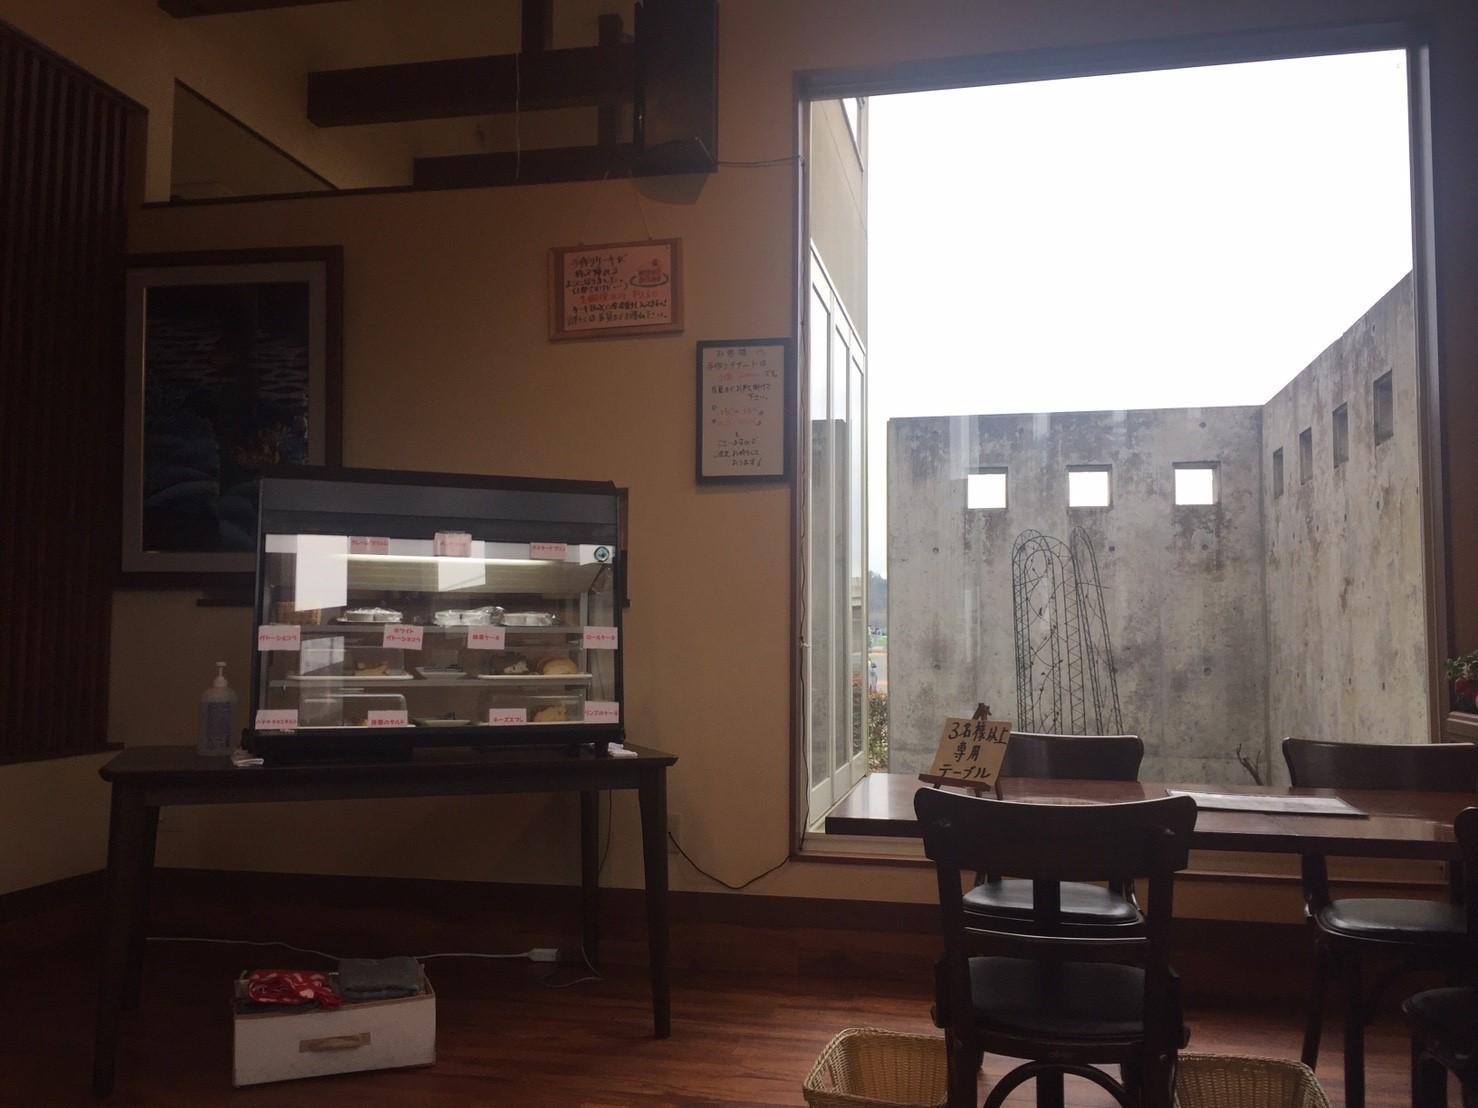 洋風食堂 kozy\'s kitchen ランチ_e0115904_21031692.jpg